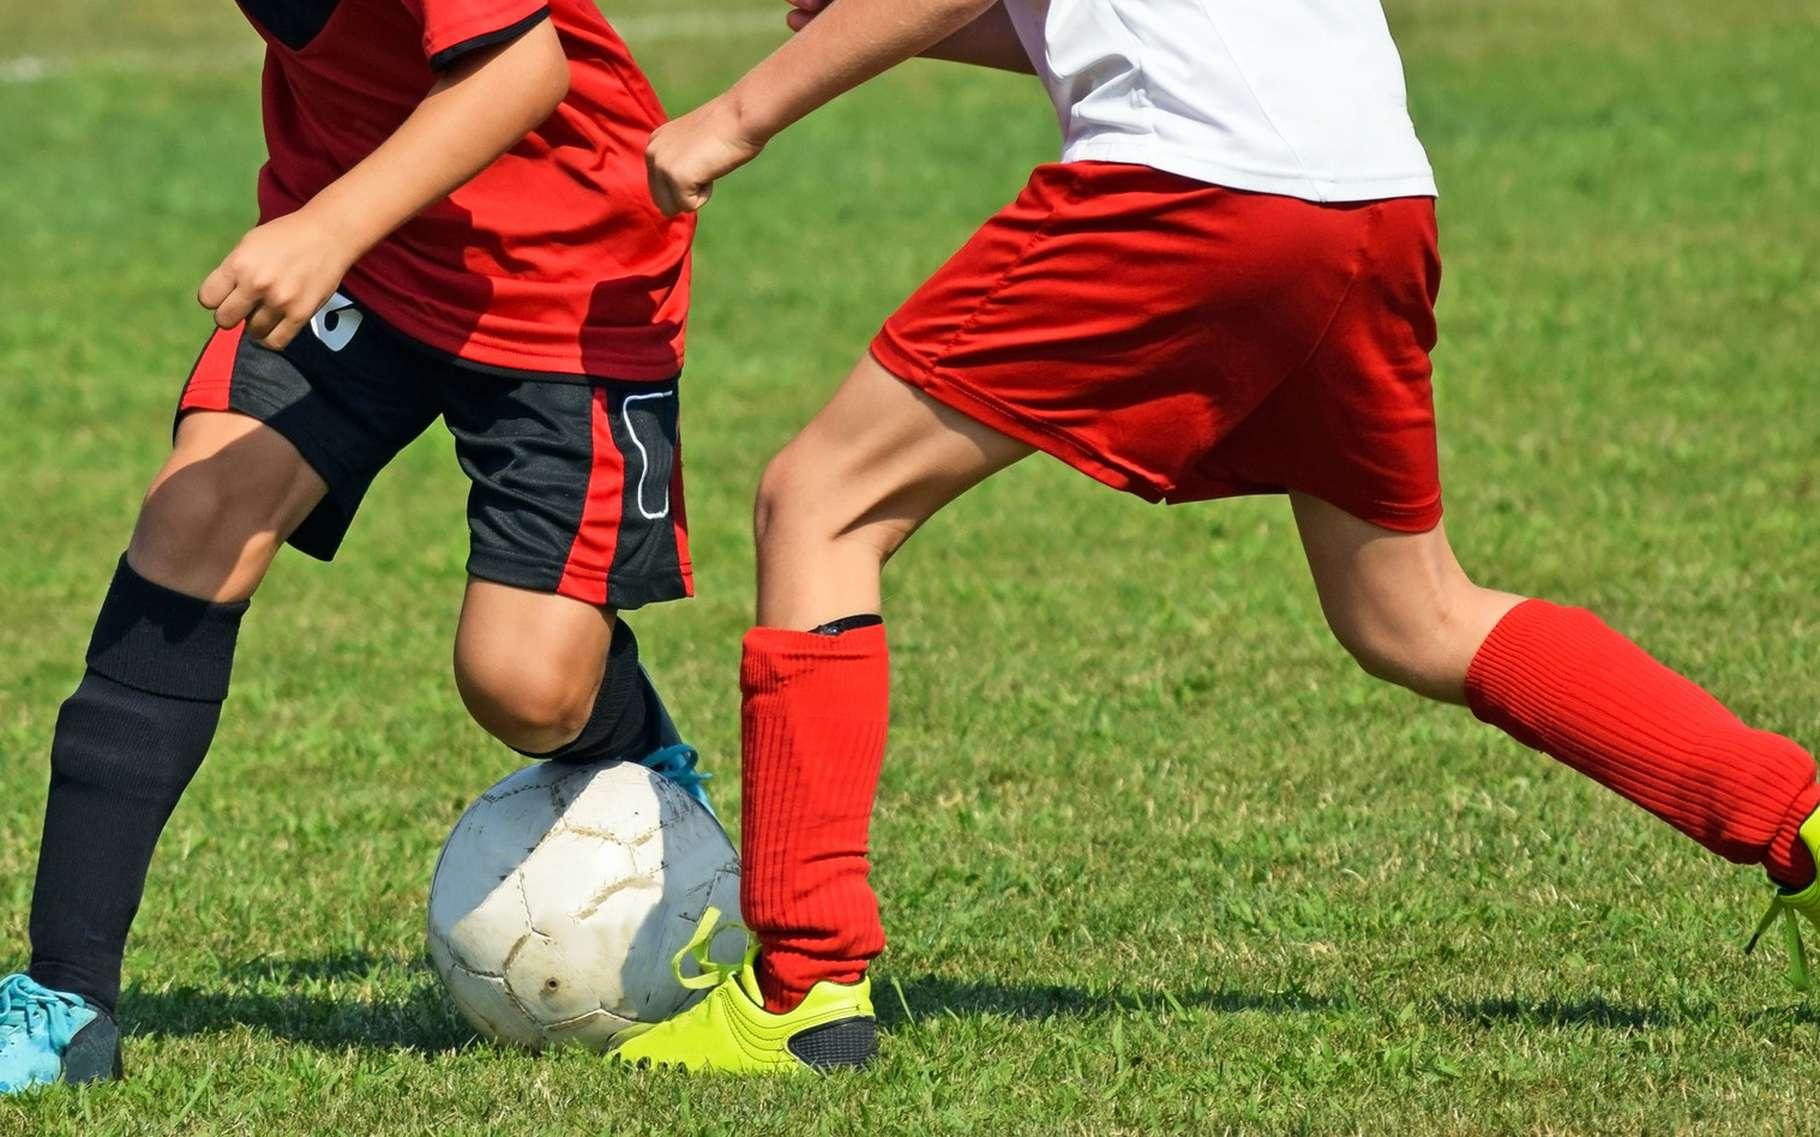 Le muscle court adducteur se situe dans la face interne de la cuisse, allant du pubis au fémur. Il permet de rapprocher une jambe de l'autre. Il est sollicité lorsqu'une personne joue au football par exemple. © Laszlo66, Shutterstock